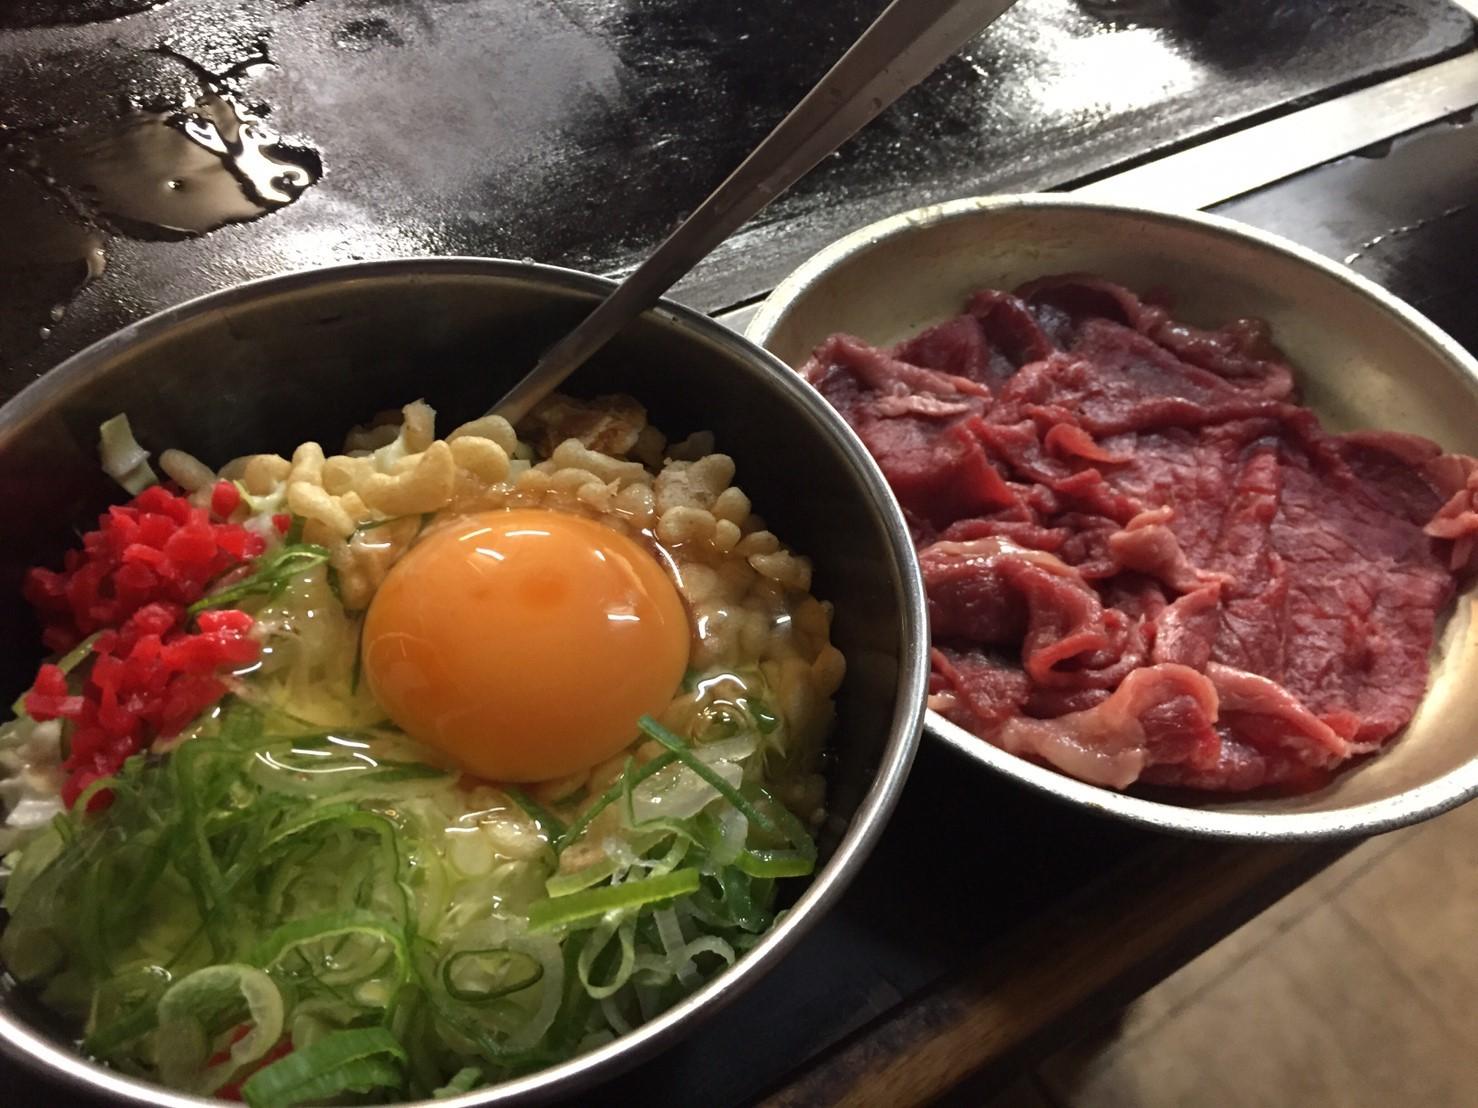 お好み焼き お多福  肉玉&ミックス_e0115904_18213886.jpg